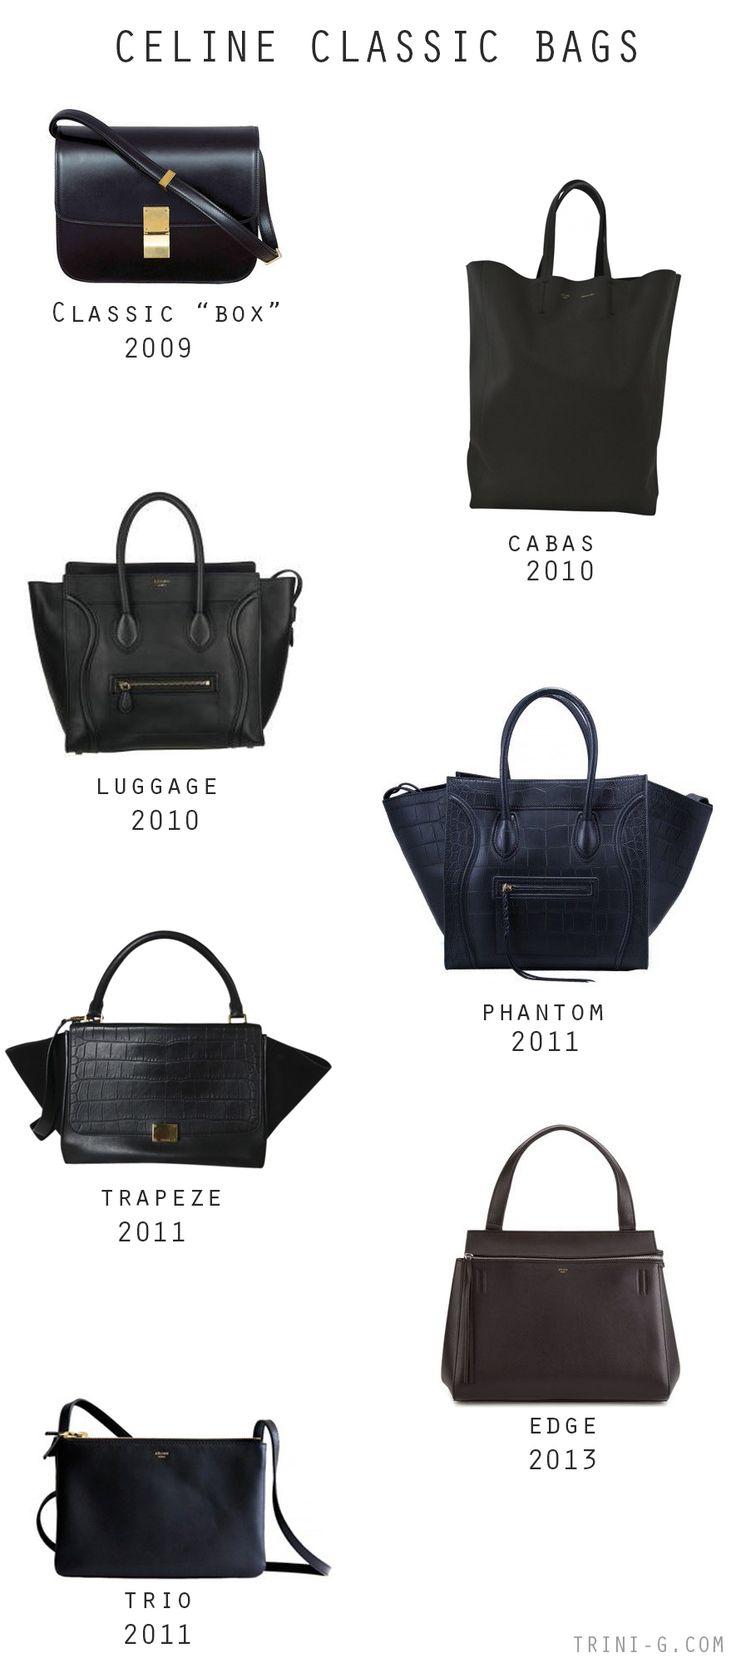 Trini blog | Celine classic bags